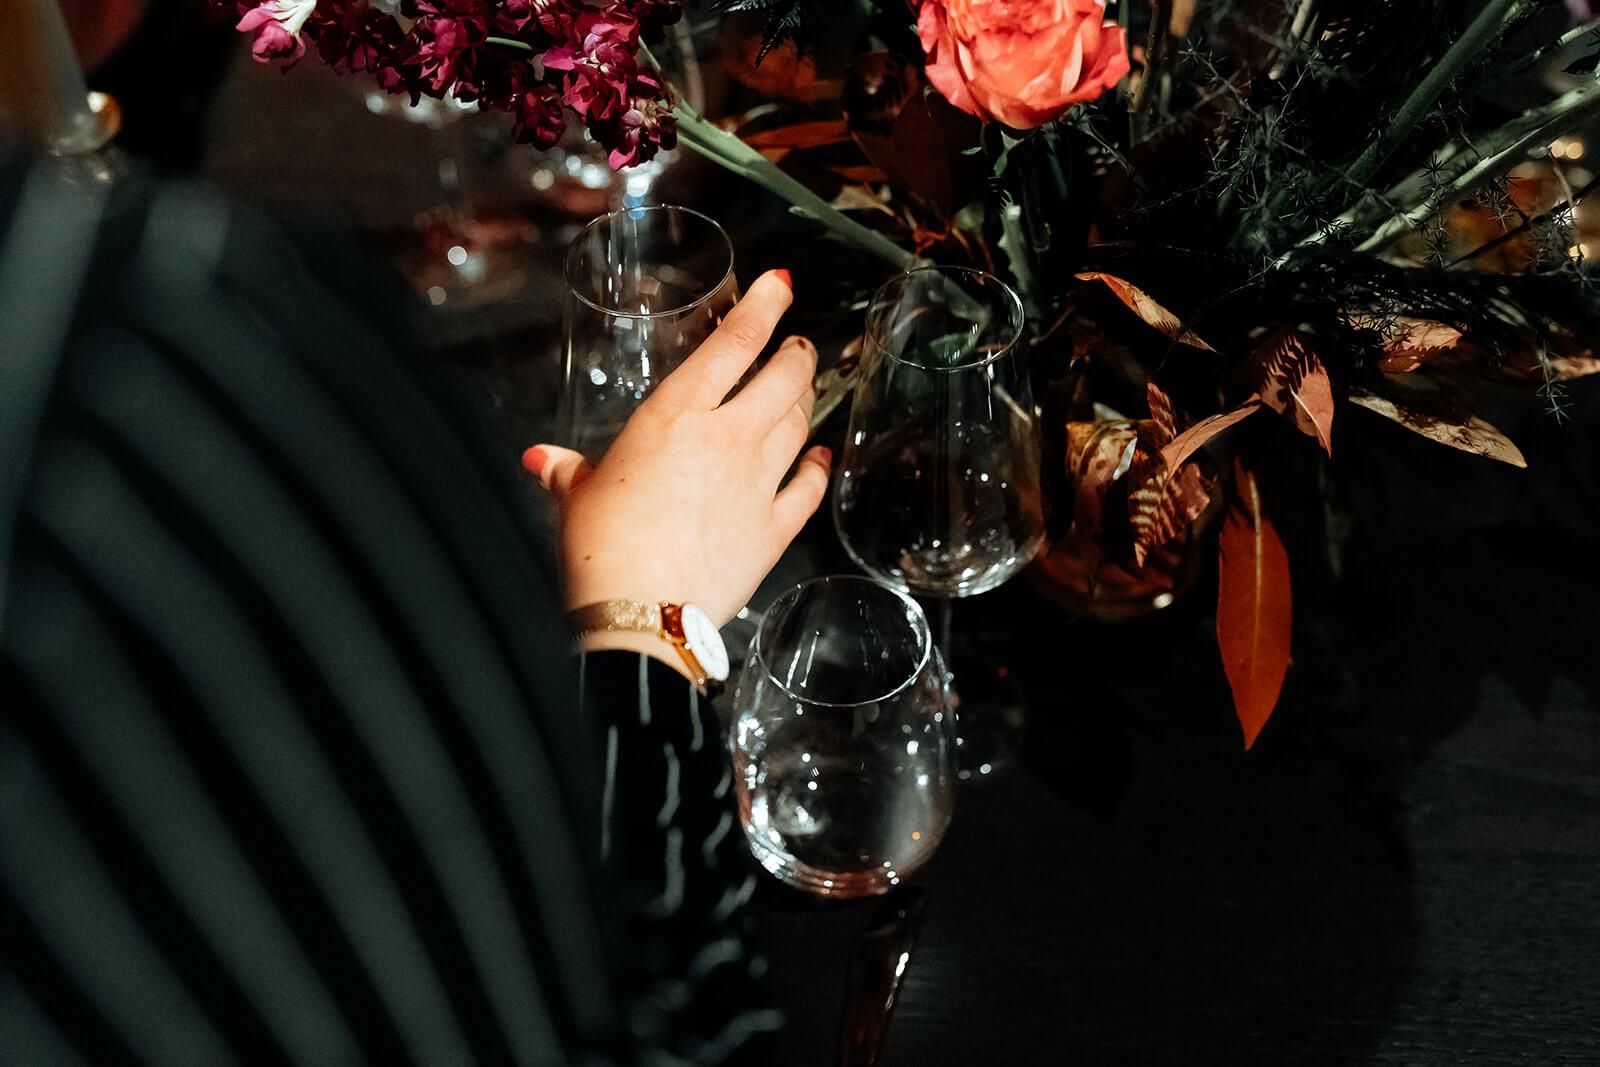 Hochzeitsplanerin Stuttgart stellt Gläser in die richtige Position